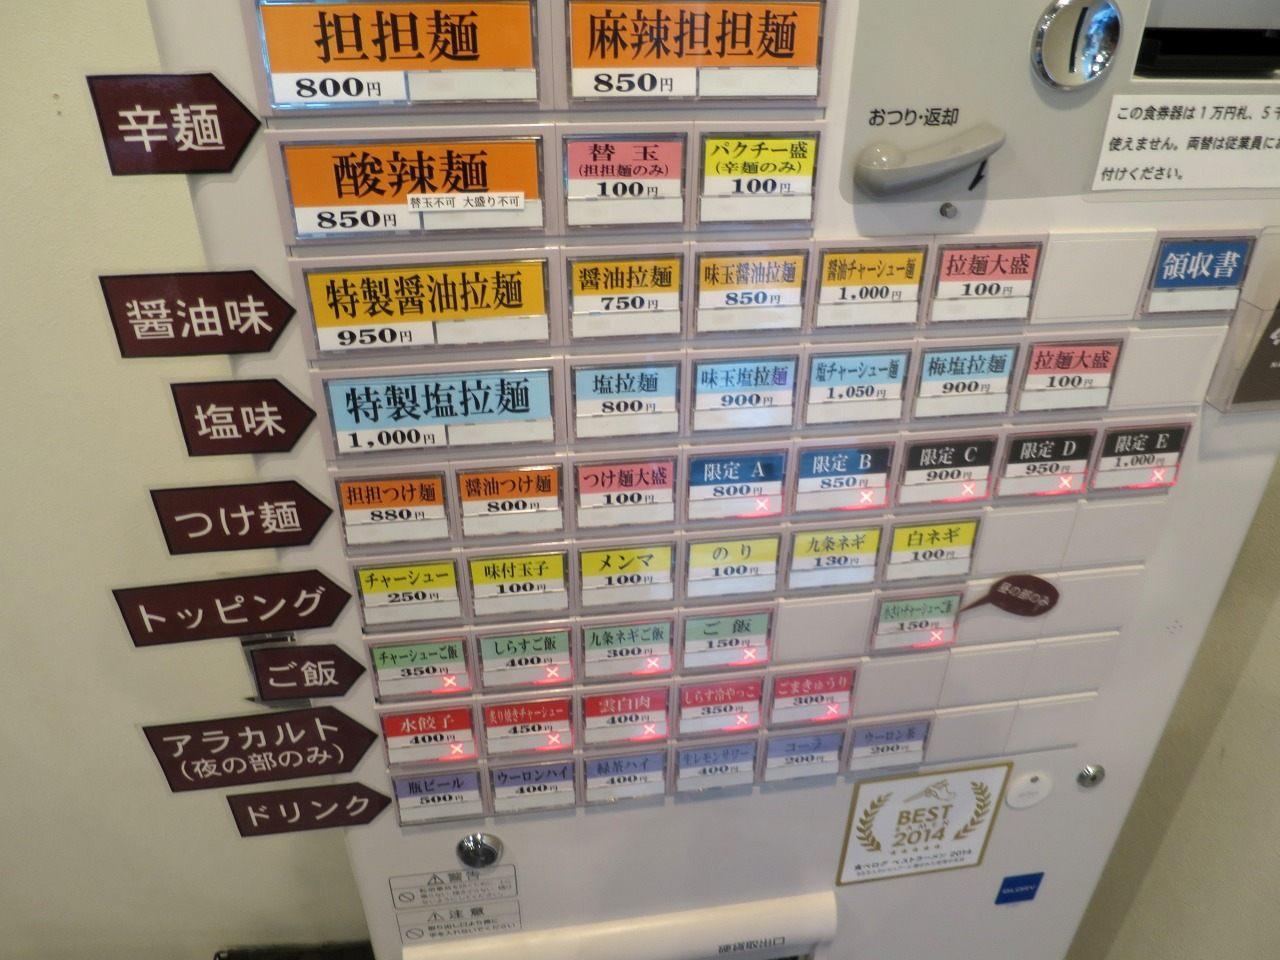 鳴龍 食券販賣機